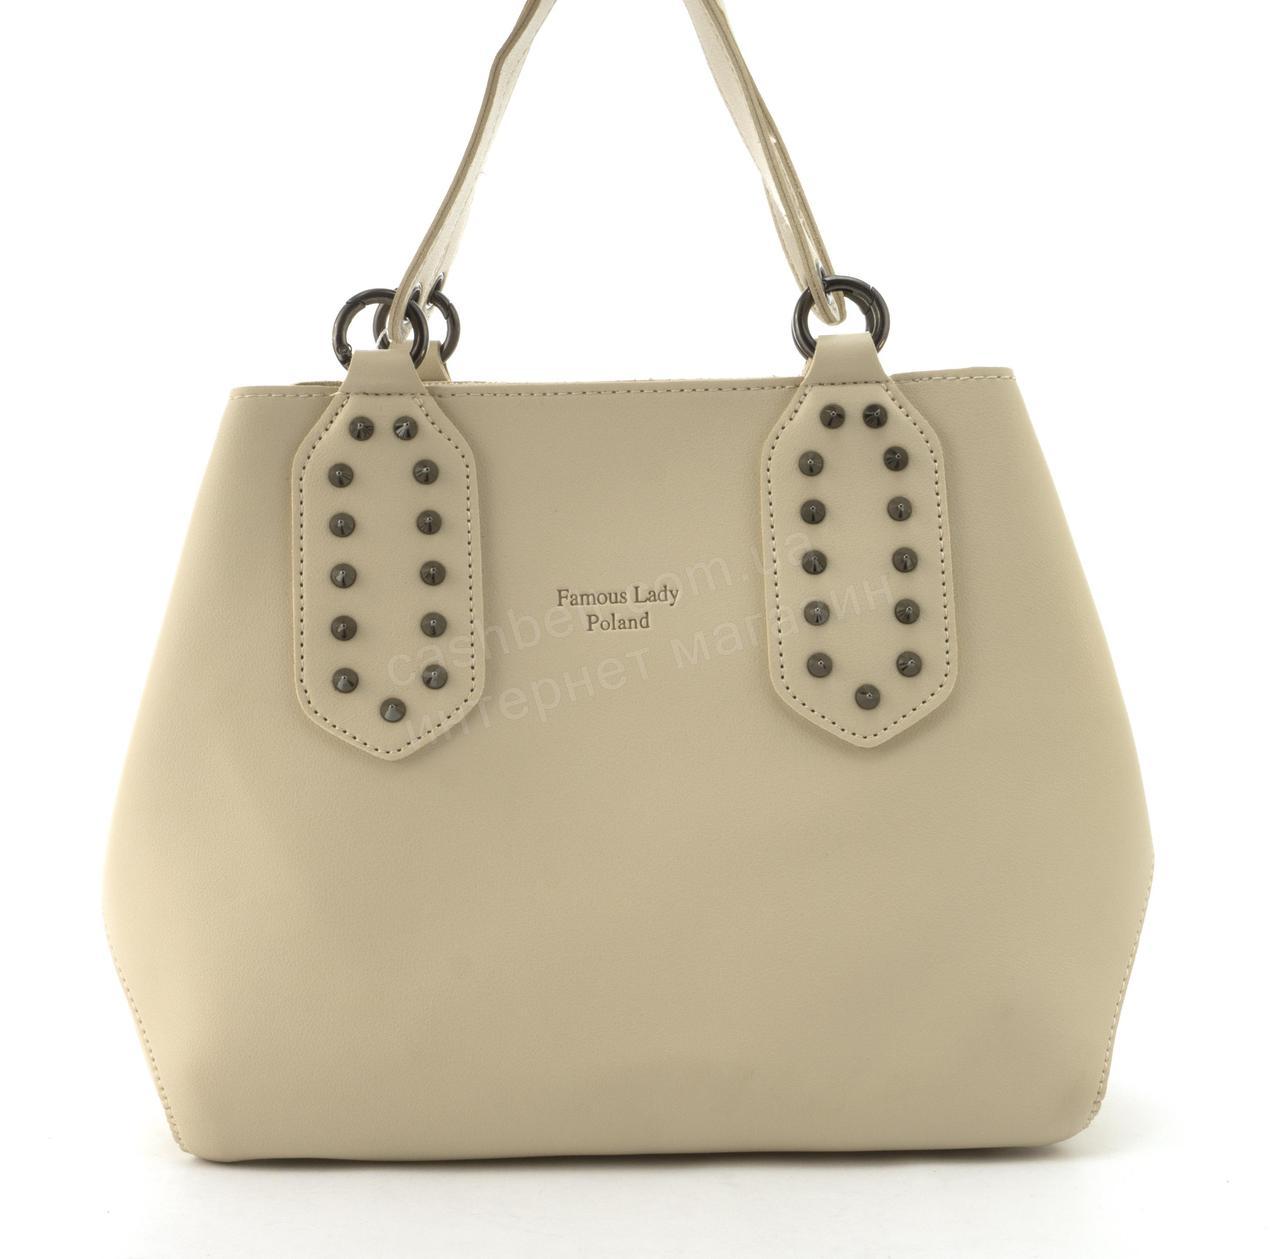 Оригинальная качественная суперстильная сумка с эко кожи с косметичкой FAMOUS LADY art. 9930 бежевая